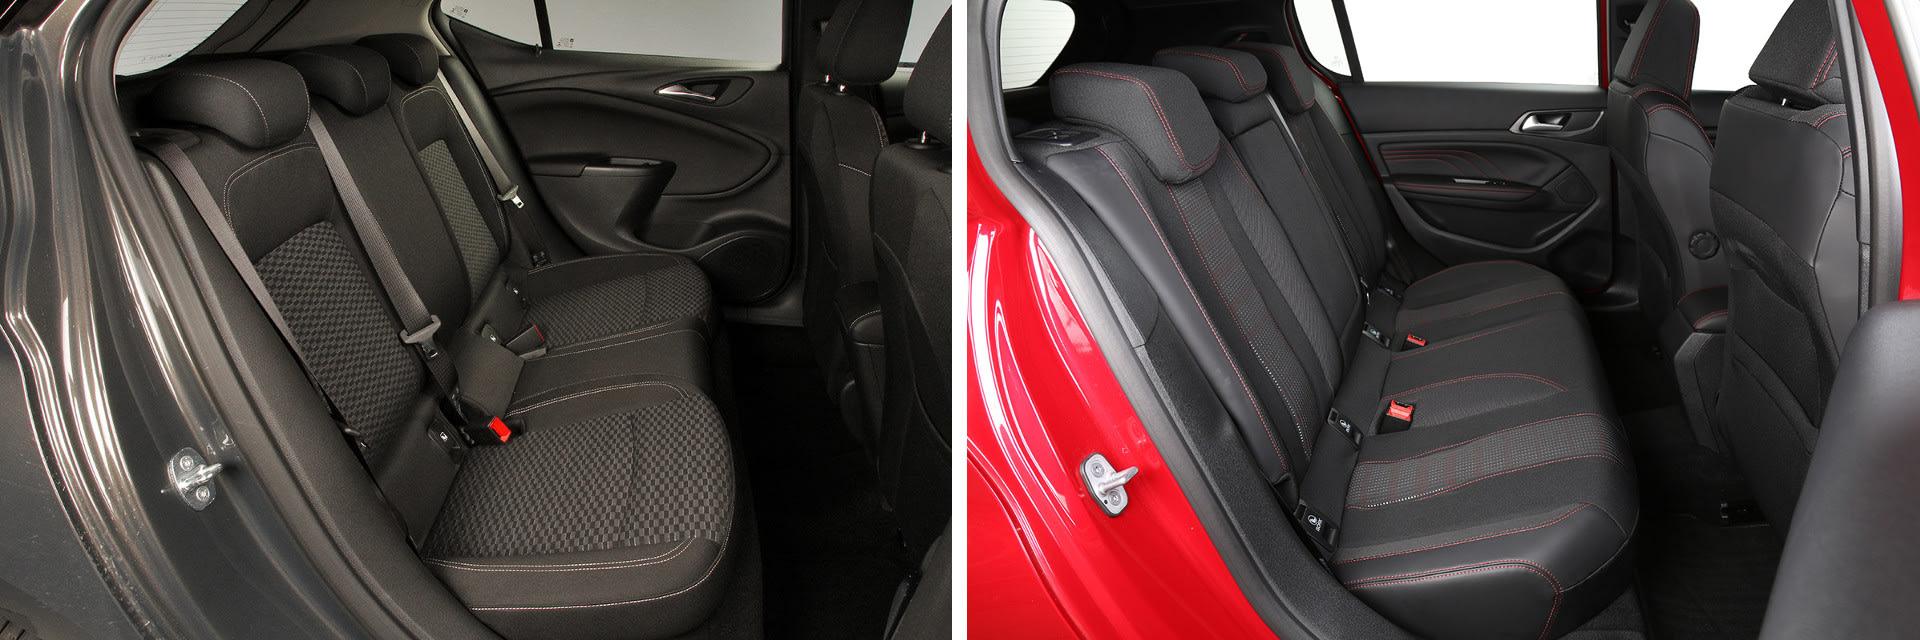 En la parte trasera del Opel Astra (izq.) las personas que sean altas estarán más cómodas que en el Peugeot 308 (dcha.)